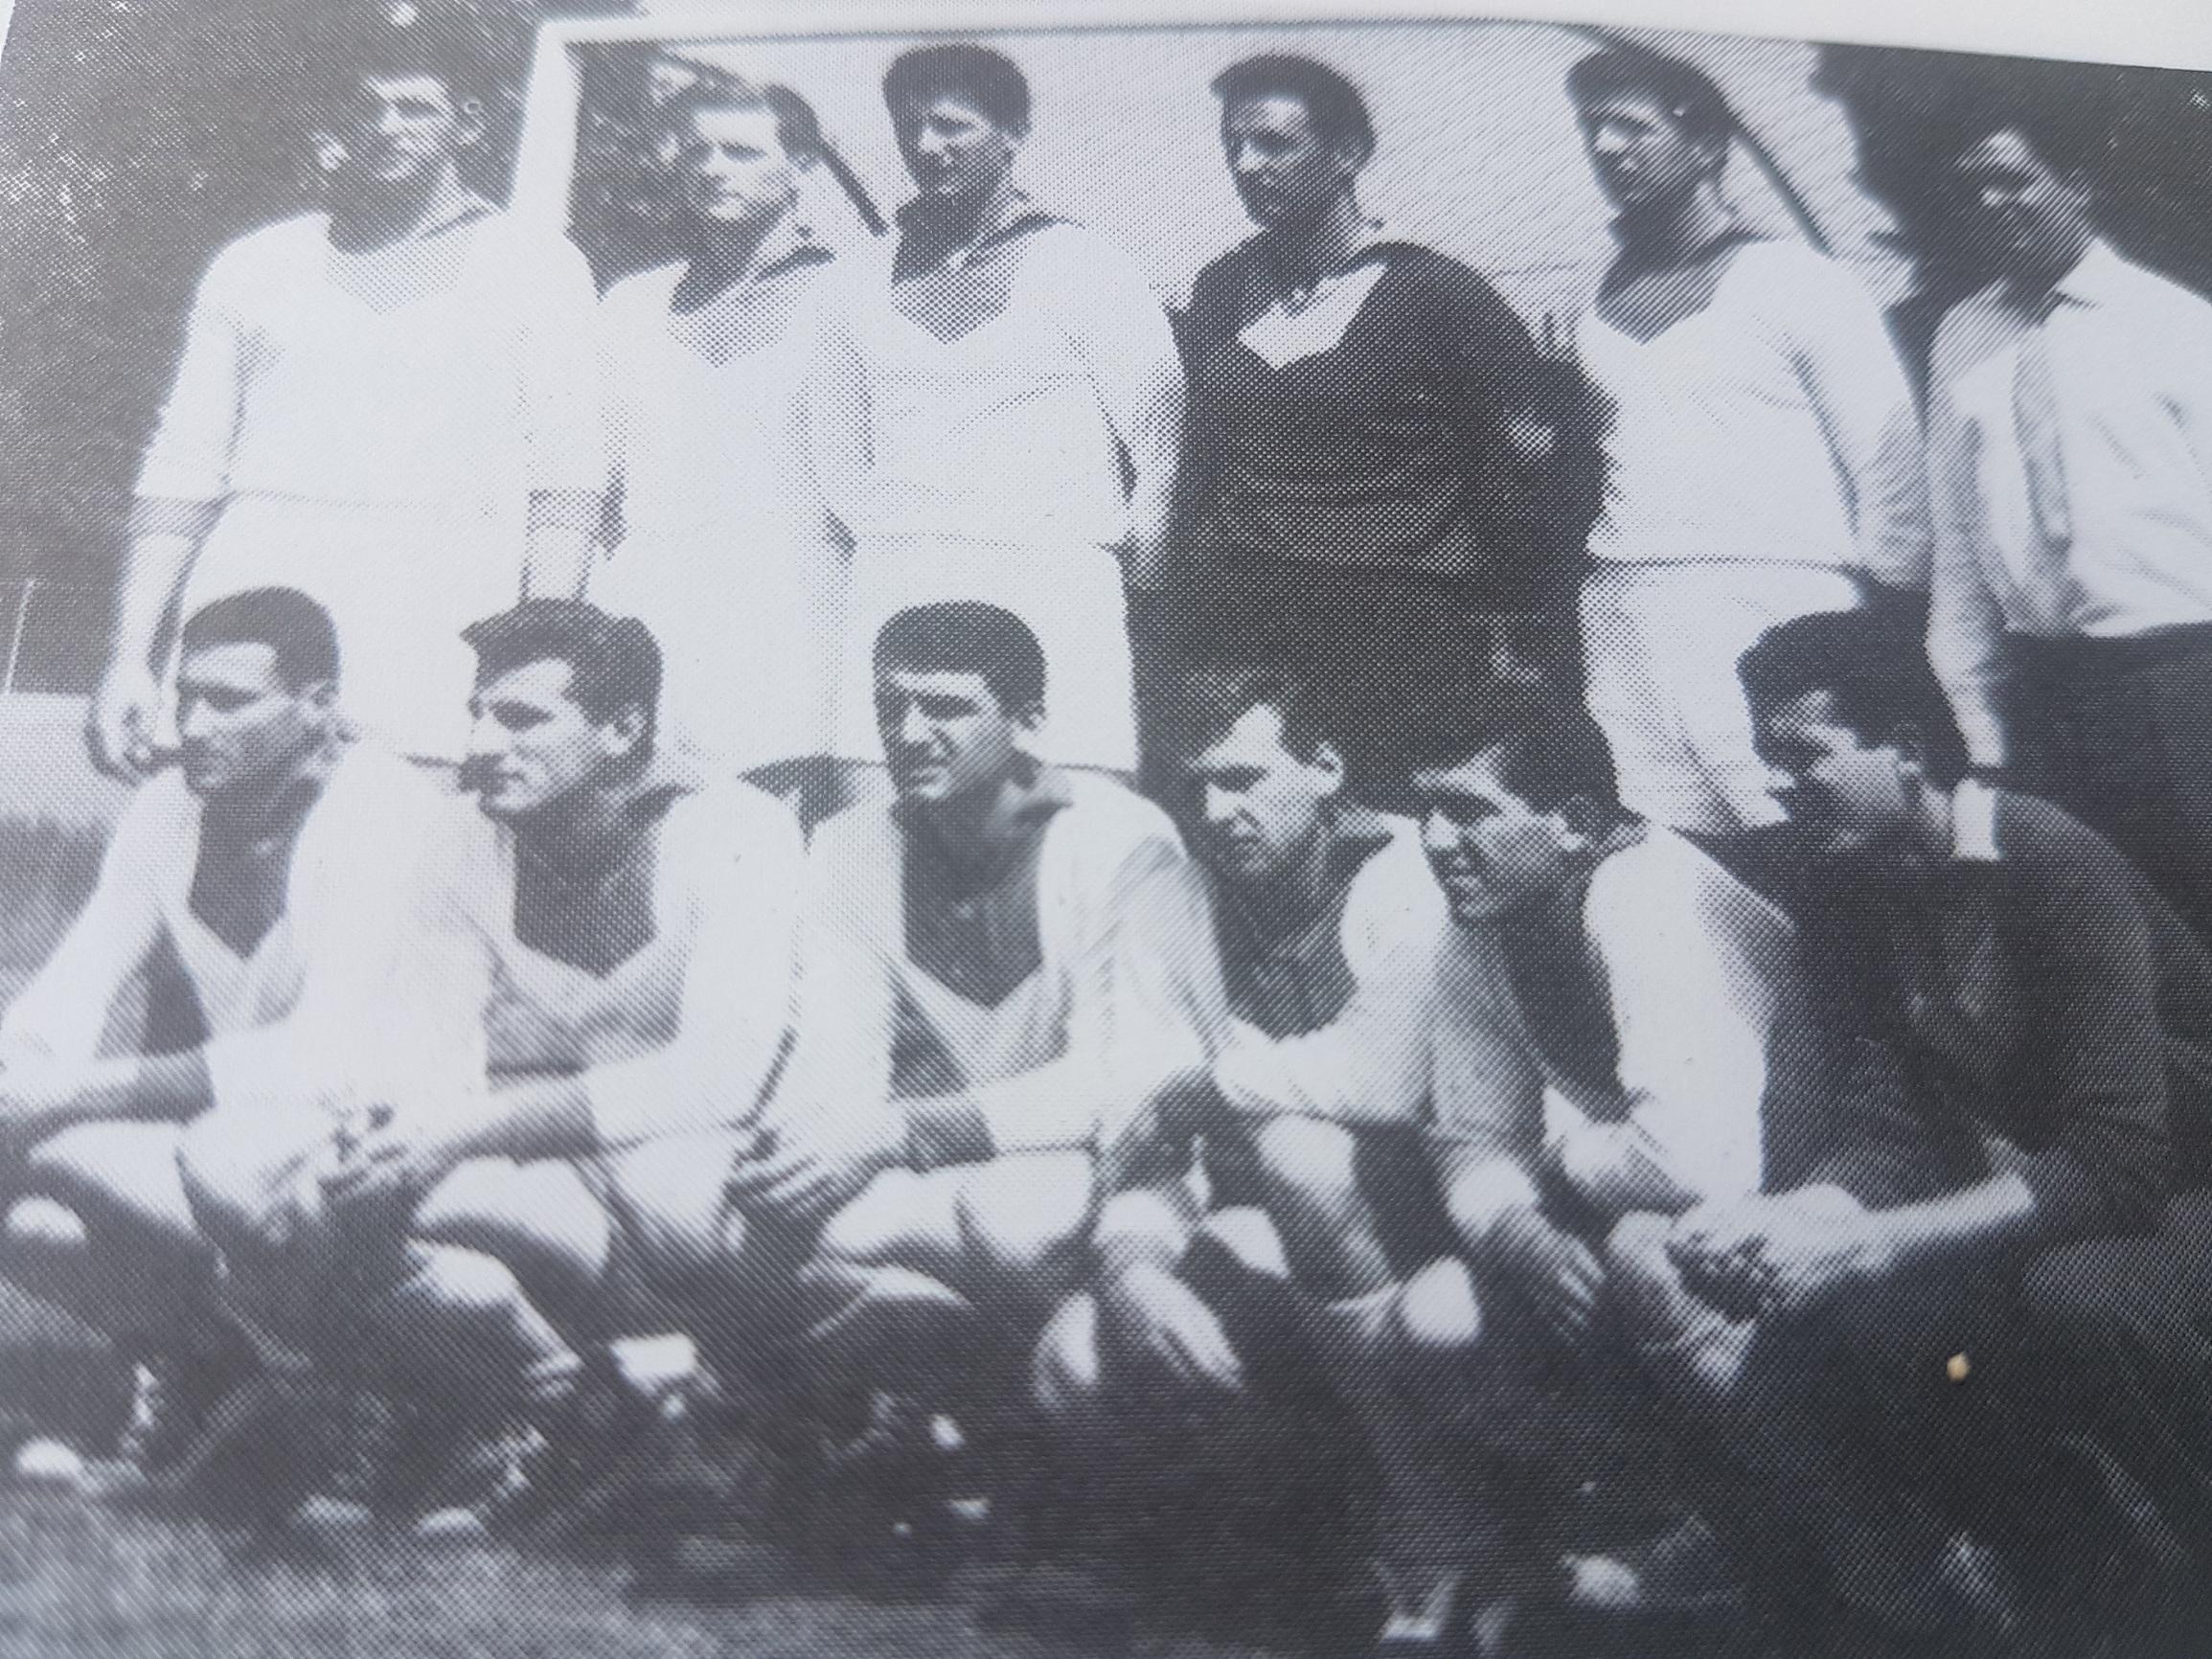 Rukometni klub Zagreb '62, Zrik Pavičić je u donjem redu, treći s desna